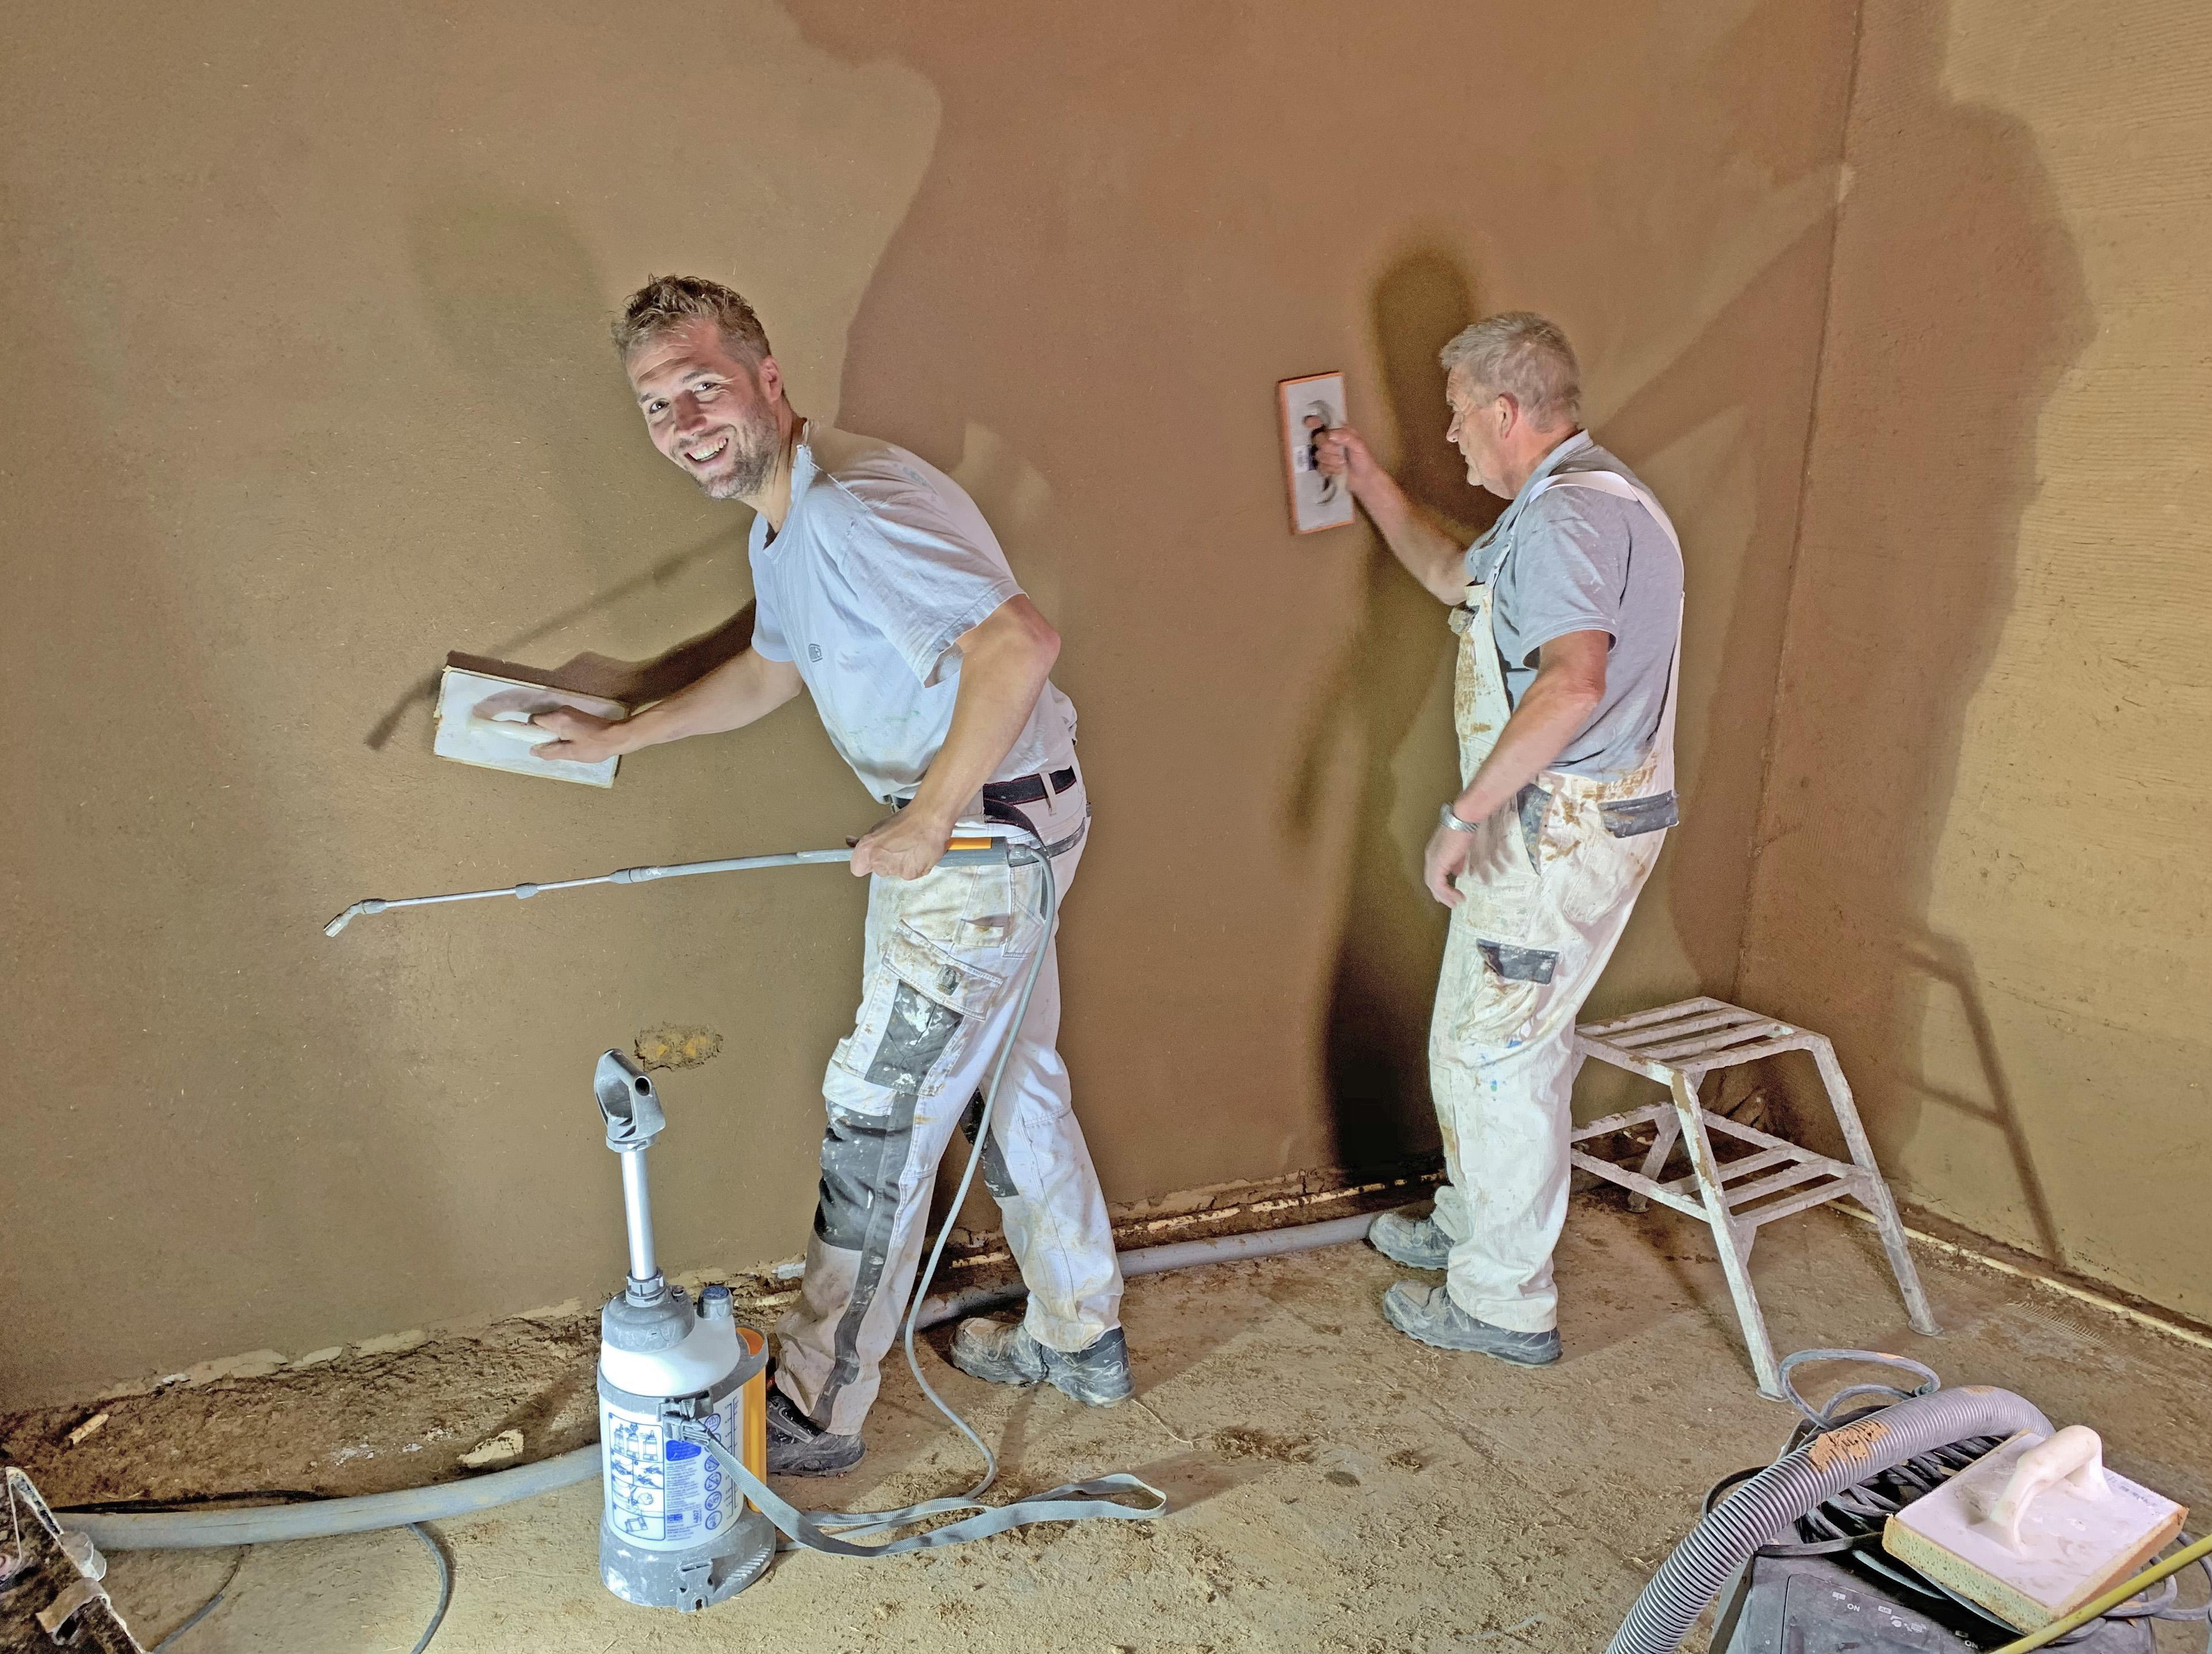 De een ruim vijftig jaar in het vak, de ander meesterstukadoor. Peter en Frans Bruin gaan voor wat anders dan gips: leem uit de grond, zo op de muren